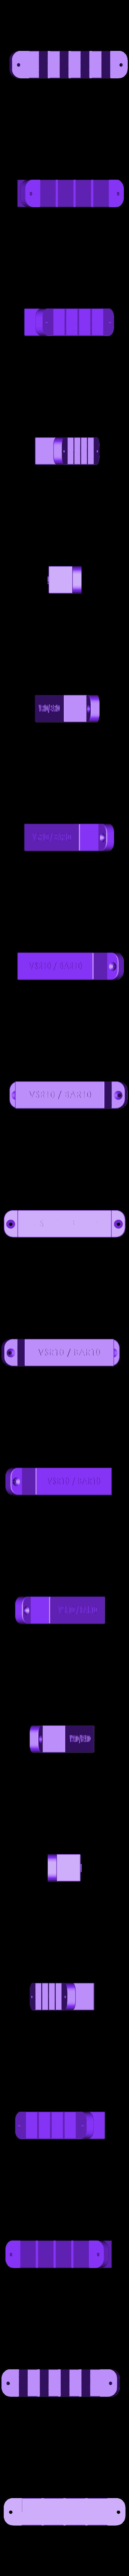 VSR10-BAR10_MAGAZINE_WALL_MOUNT.SLDPRT.STL Télécharger fichier STL VSR10-BAR10 MAGAZINE WALL MOUNT • Objet imprimable en 3D, SANCAKTAR